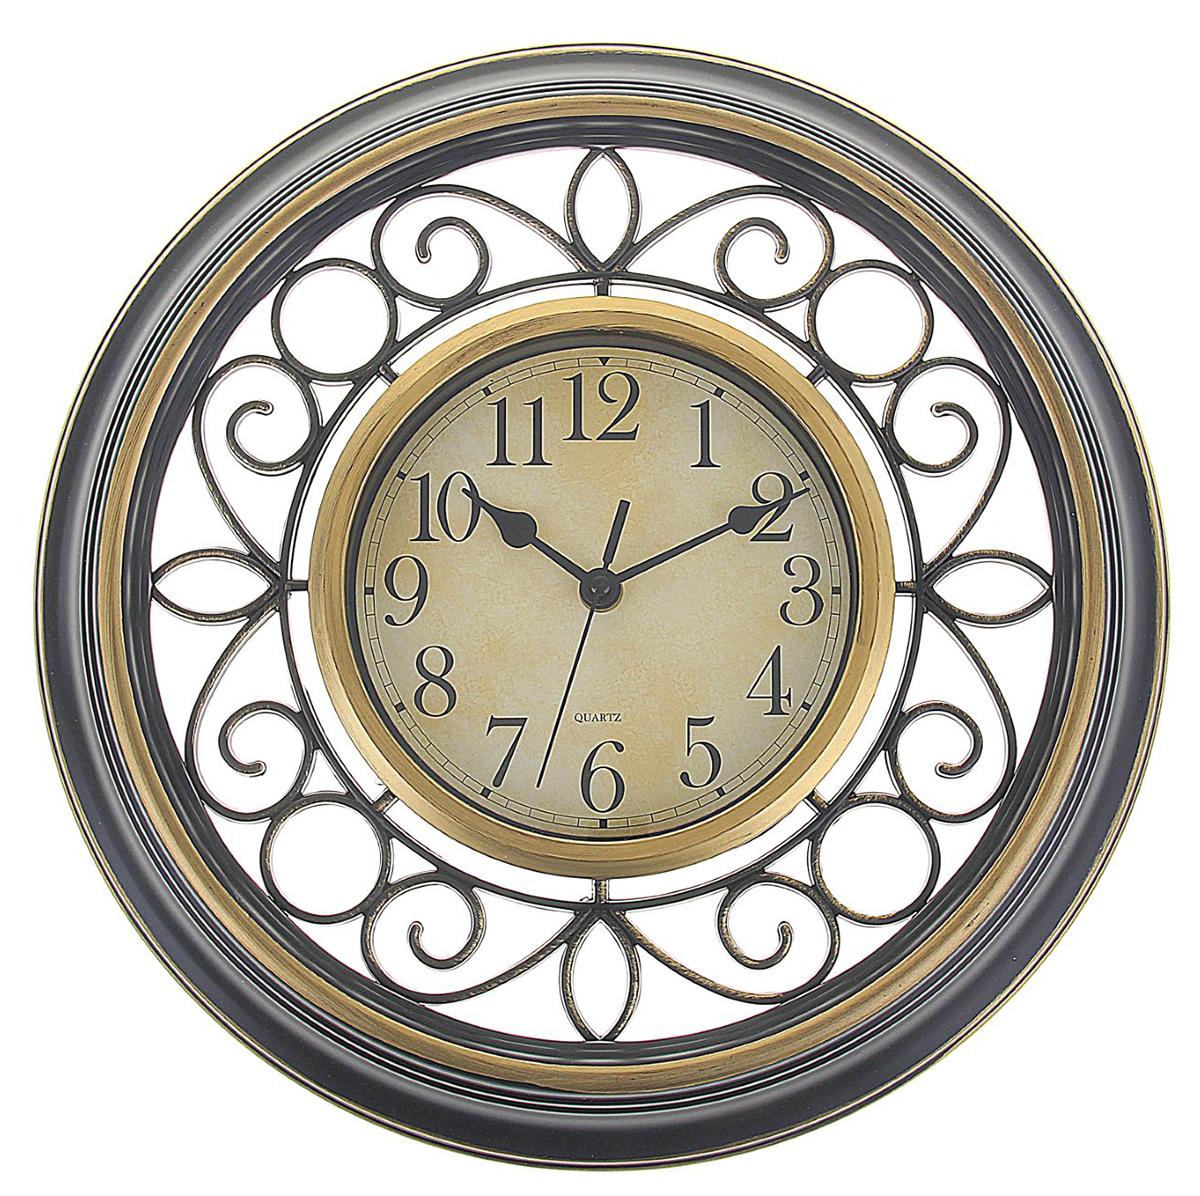 Часы настенные интерьерные Черные витки, диаметр 35 см1205521Каждому хозяину периодически приходит мысль обновить свою квартиру, сделать ремонт, перестановку или кардинально поменять внешний вид каждой комнаты. Часы настенные круглые Завитки, d=35 см, пустотелый корпус под бронзу, витки черные — привлекательная деталь, которая поможет воплотить вашу интерьерную идею, создать неповторимую атмосферу в вашем доме. Окружите себя приятными мелочами, пусть они радуют глаз и дарят гармонию.Часы настенные интерьерные, круглые 35 см, пустотелый корпус, бронза, черные витки 1205521